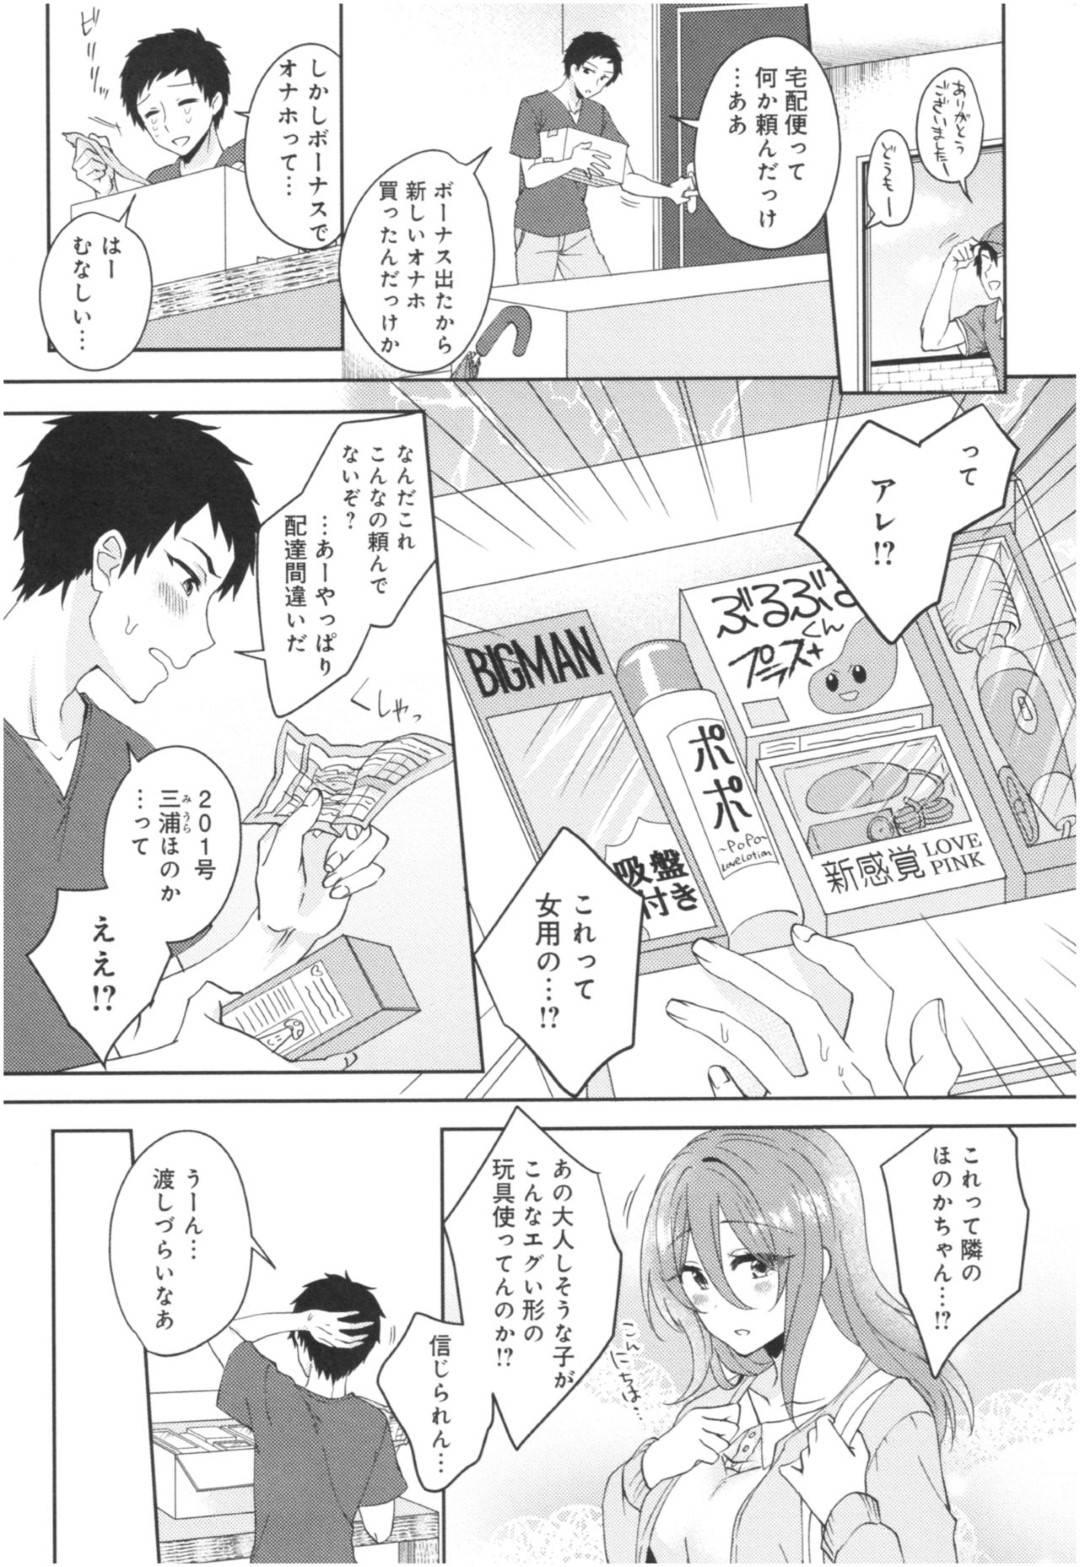 【エロ漫画】隣の部屋の男に通販で買ったバイブを見られた女子はセックスの練習しようと提案されて生ハメセックスして処女卒業【加糖あん/ワケありカノジョの性事情 第1話】